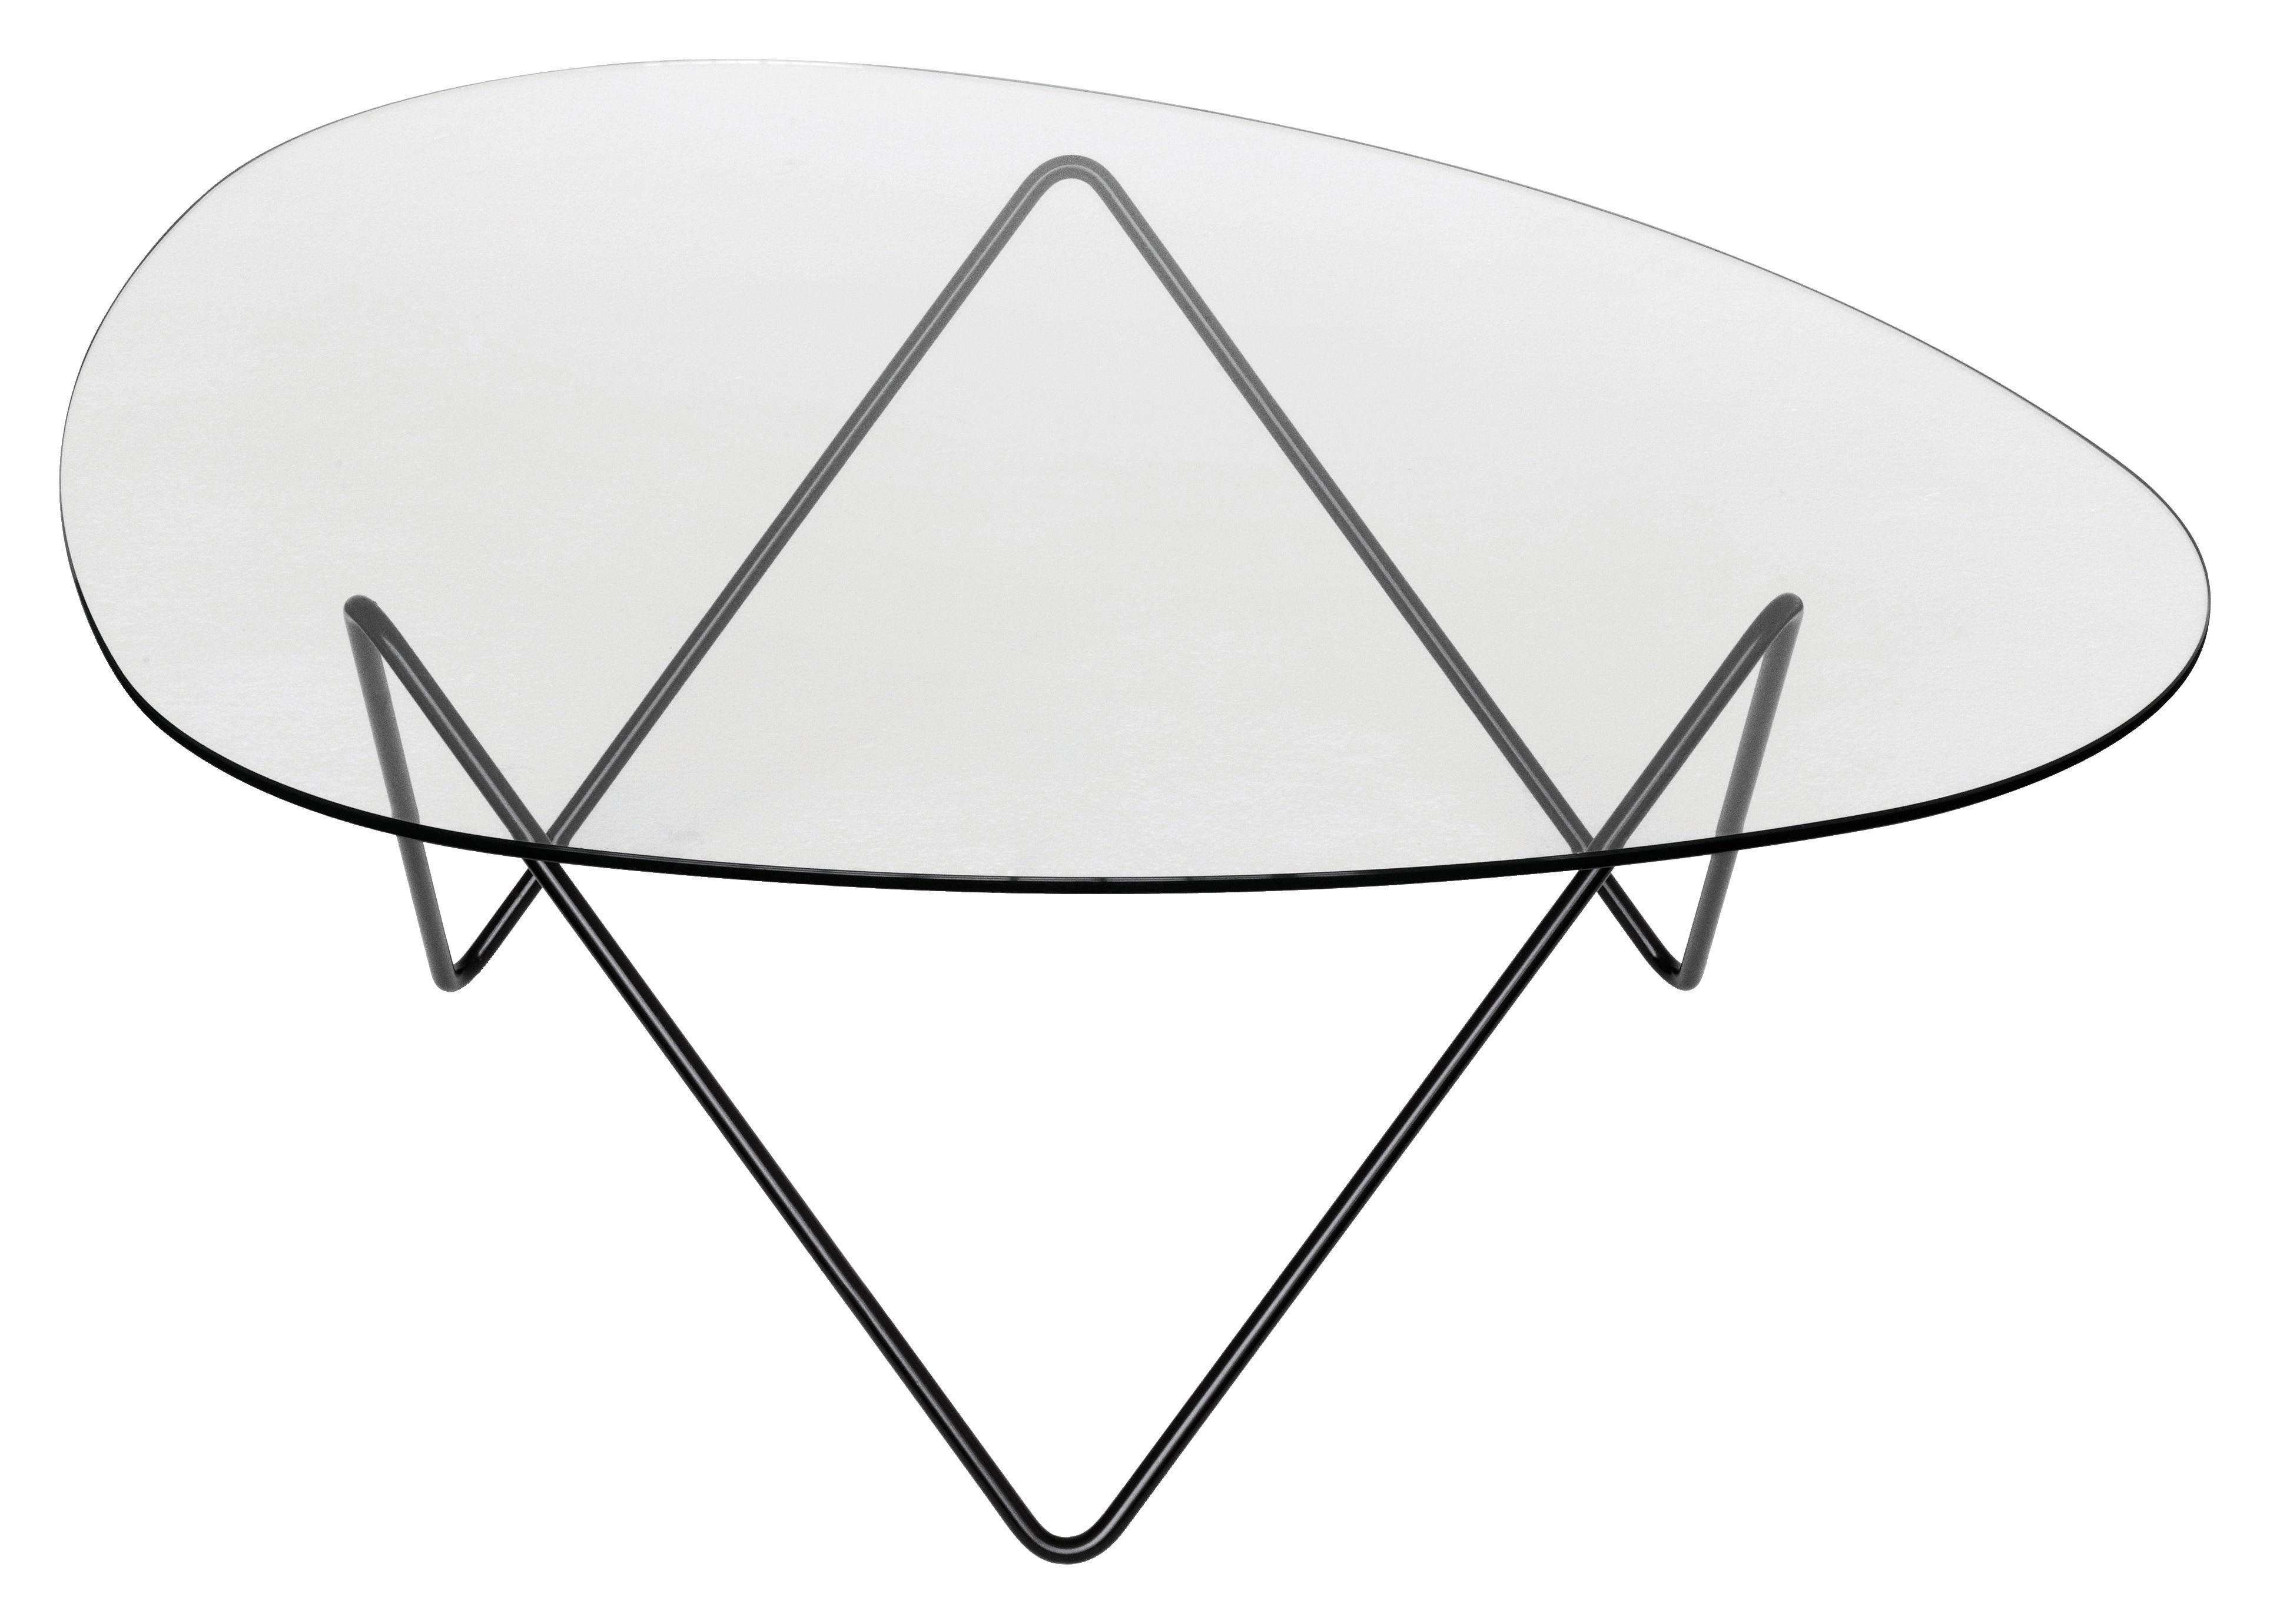 Mobilier - Tables basses - Table basse Pedrera / H 38 cm - Réédition 1955 - Gubi - Pied noir / Plateau transparent - Acier peint, Verre